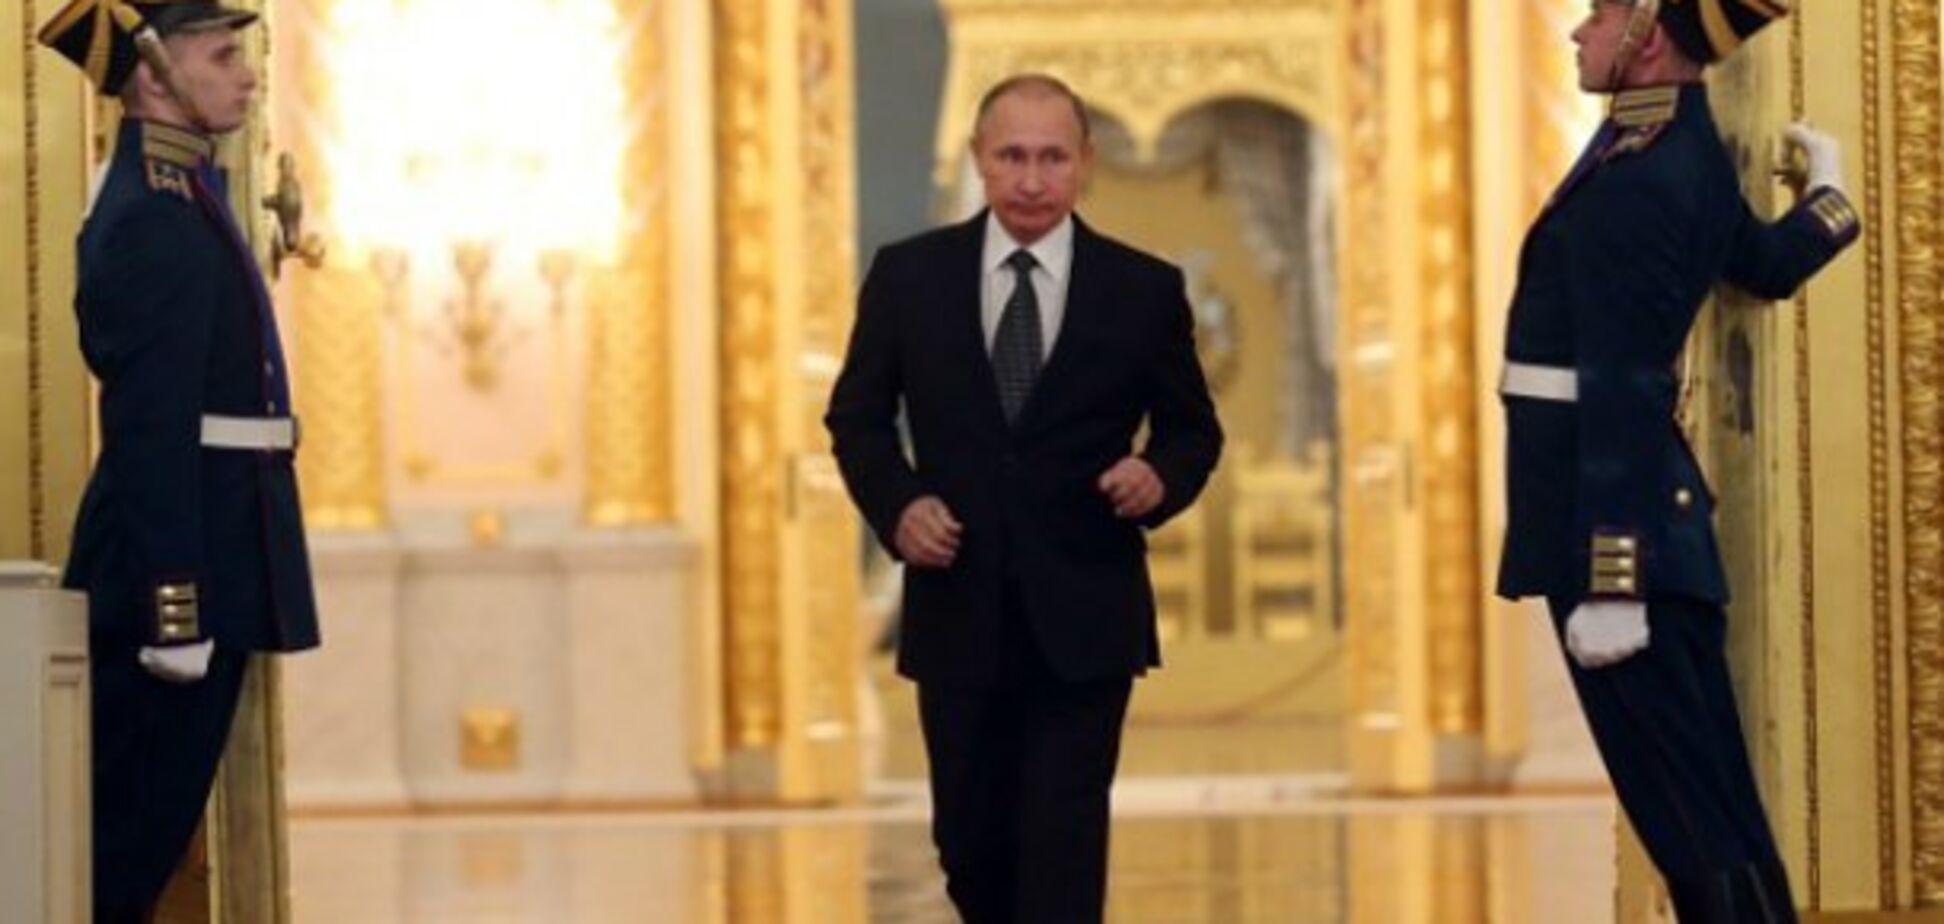 В Кремле начался транзит власти: что будет с Путиным